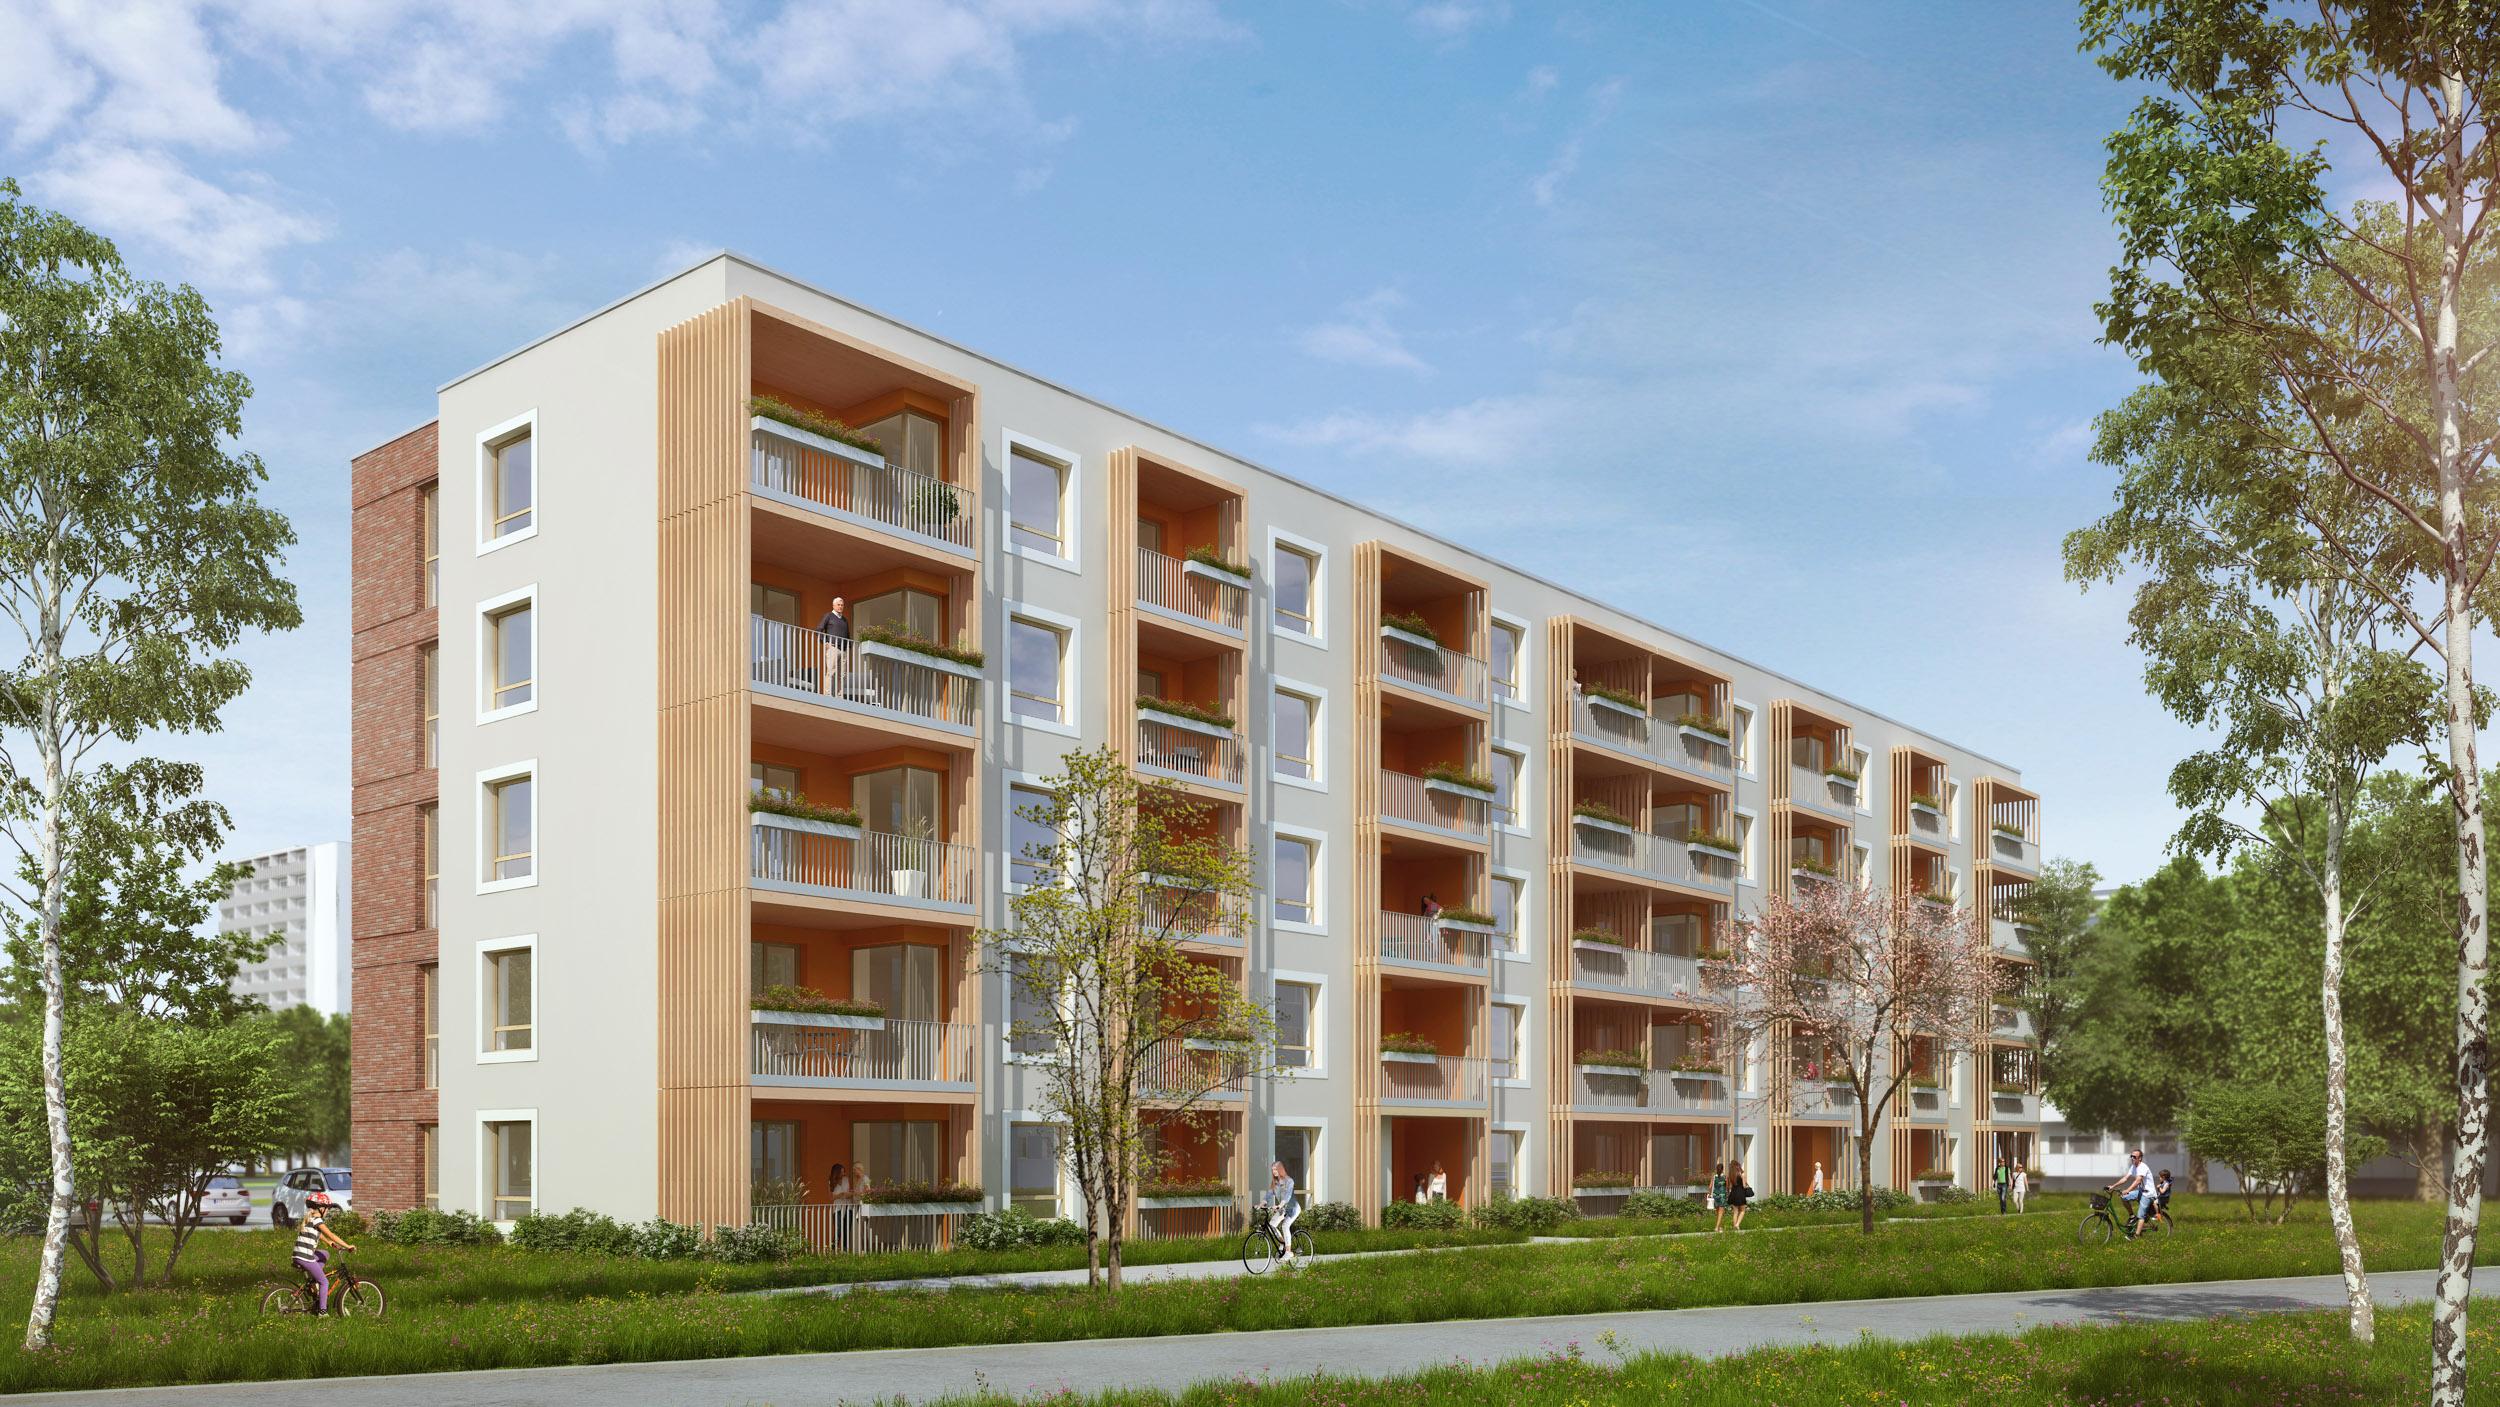 Wohnungsbau Erich-Weinert-Straße Rostock